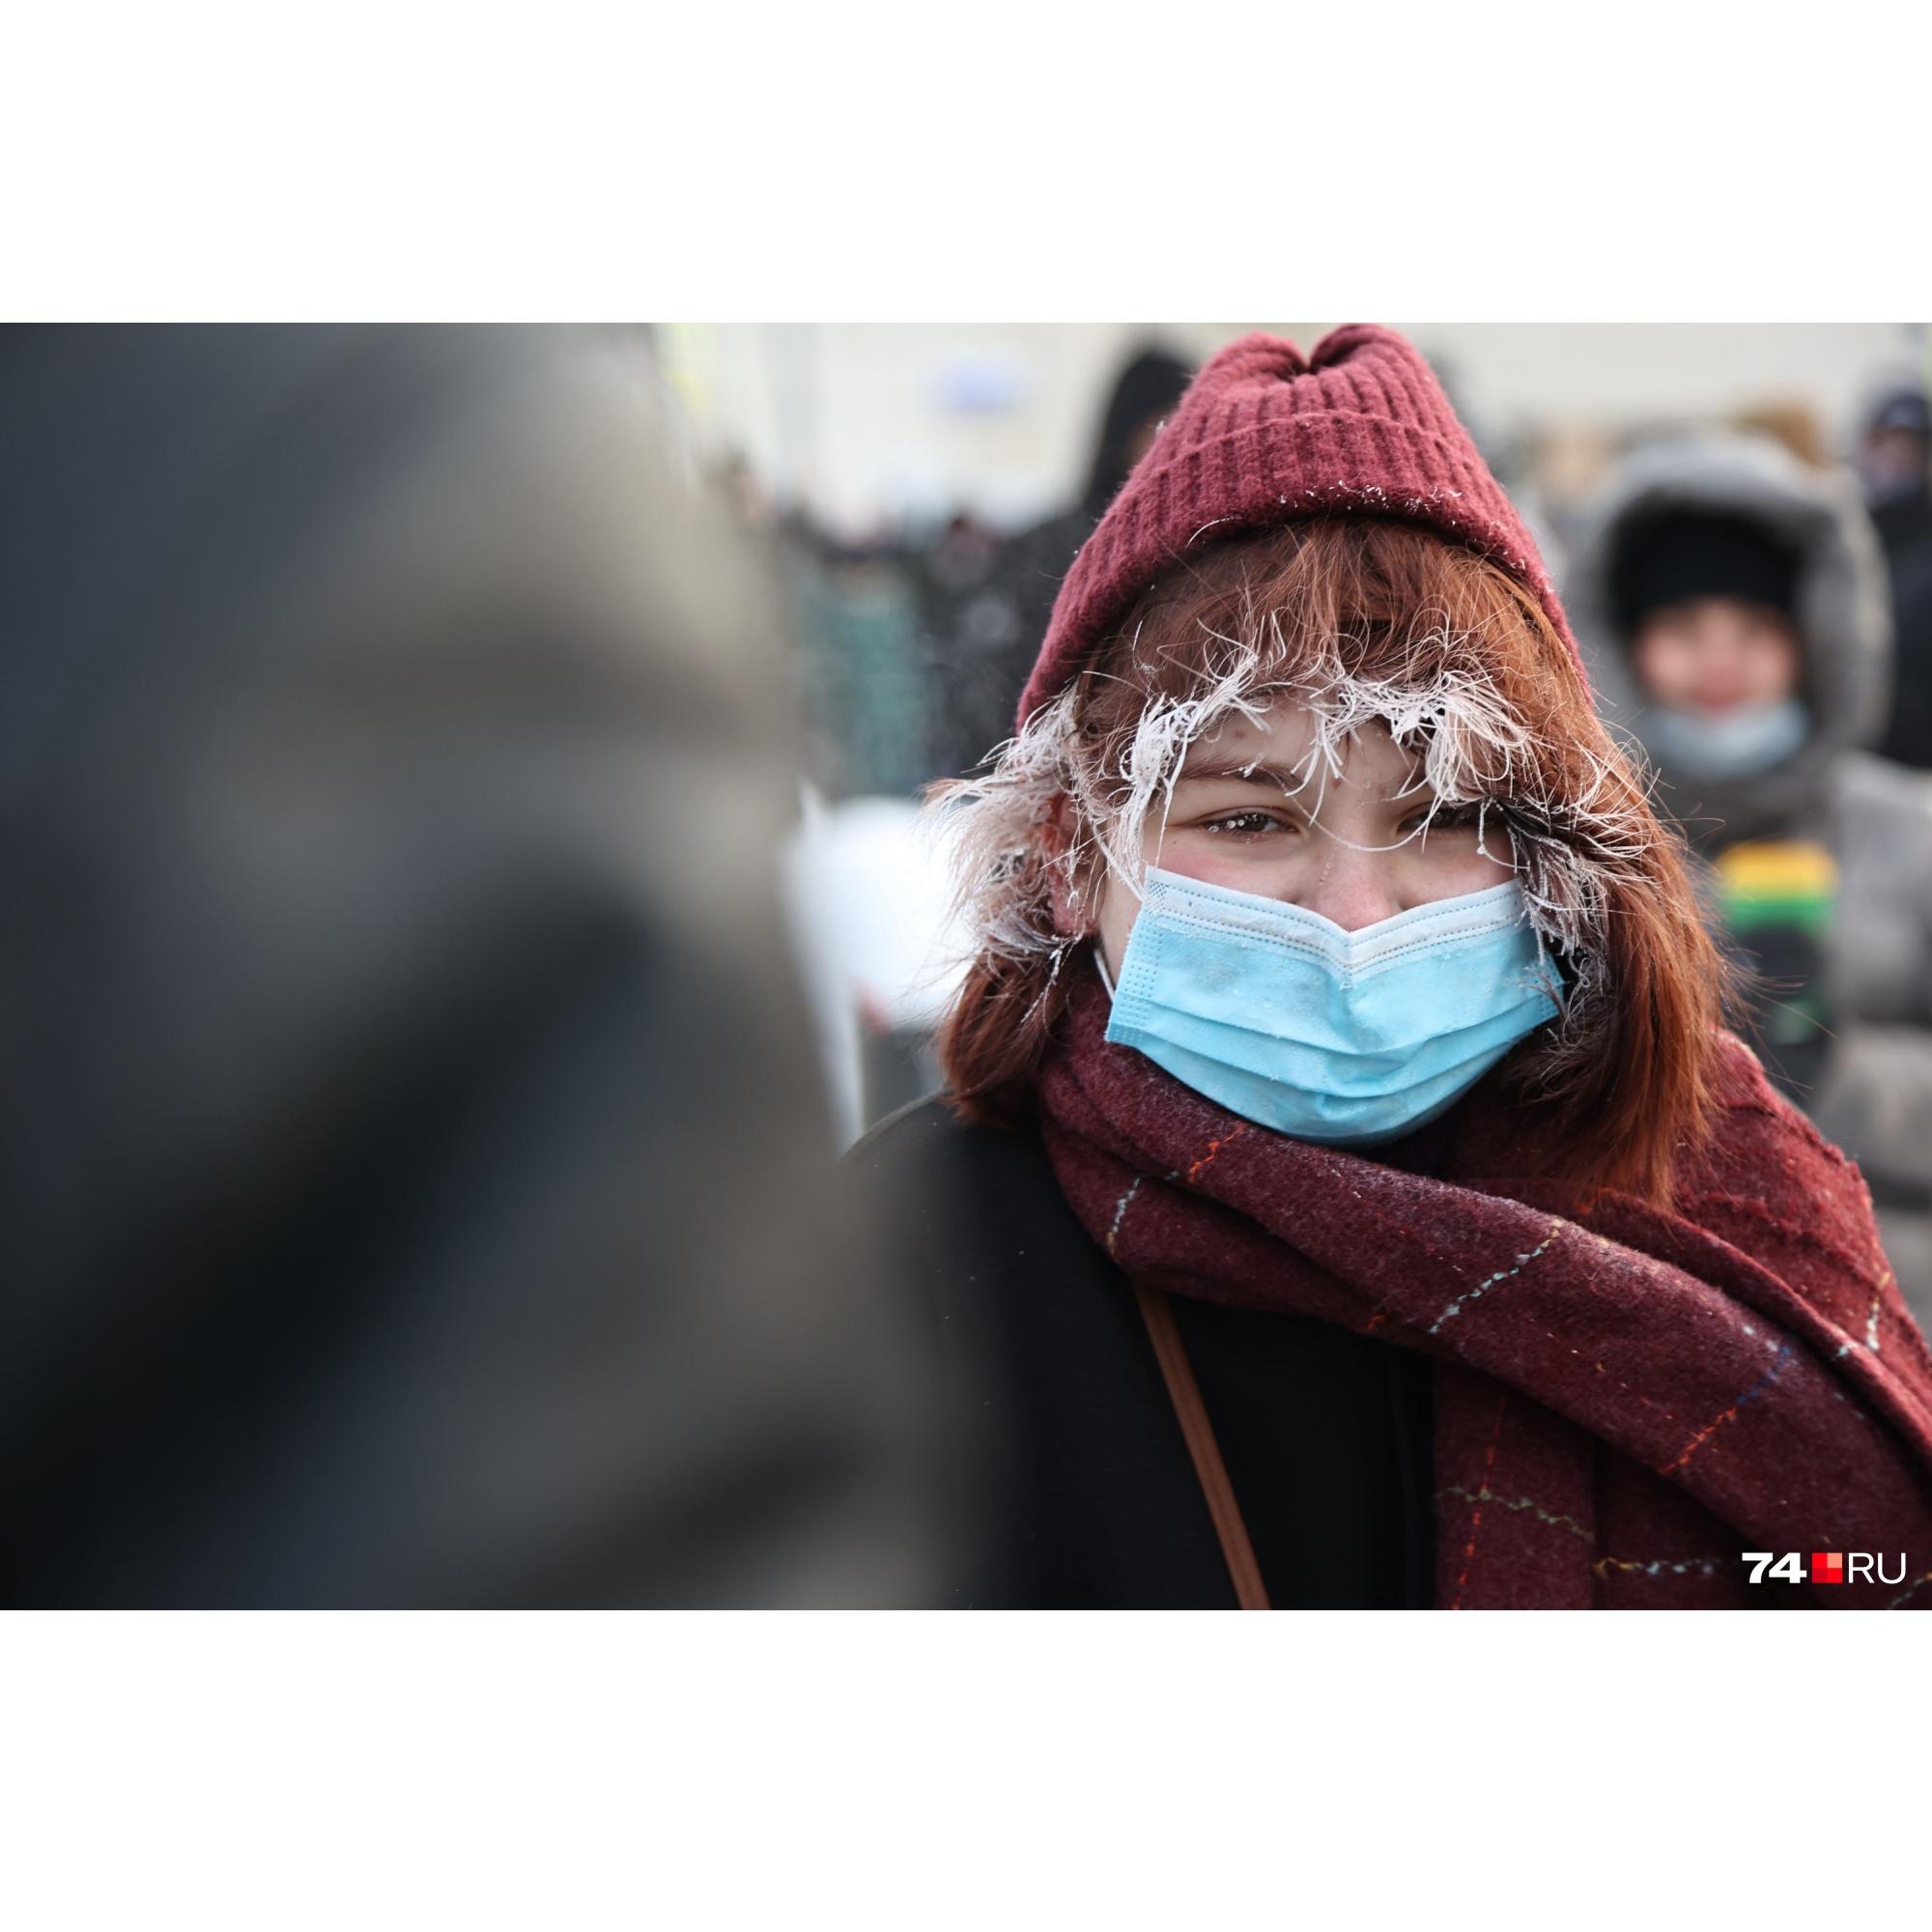 Всё-таки сегодня очень холодно на улице